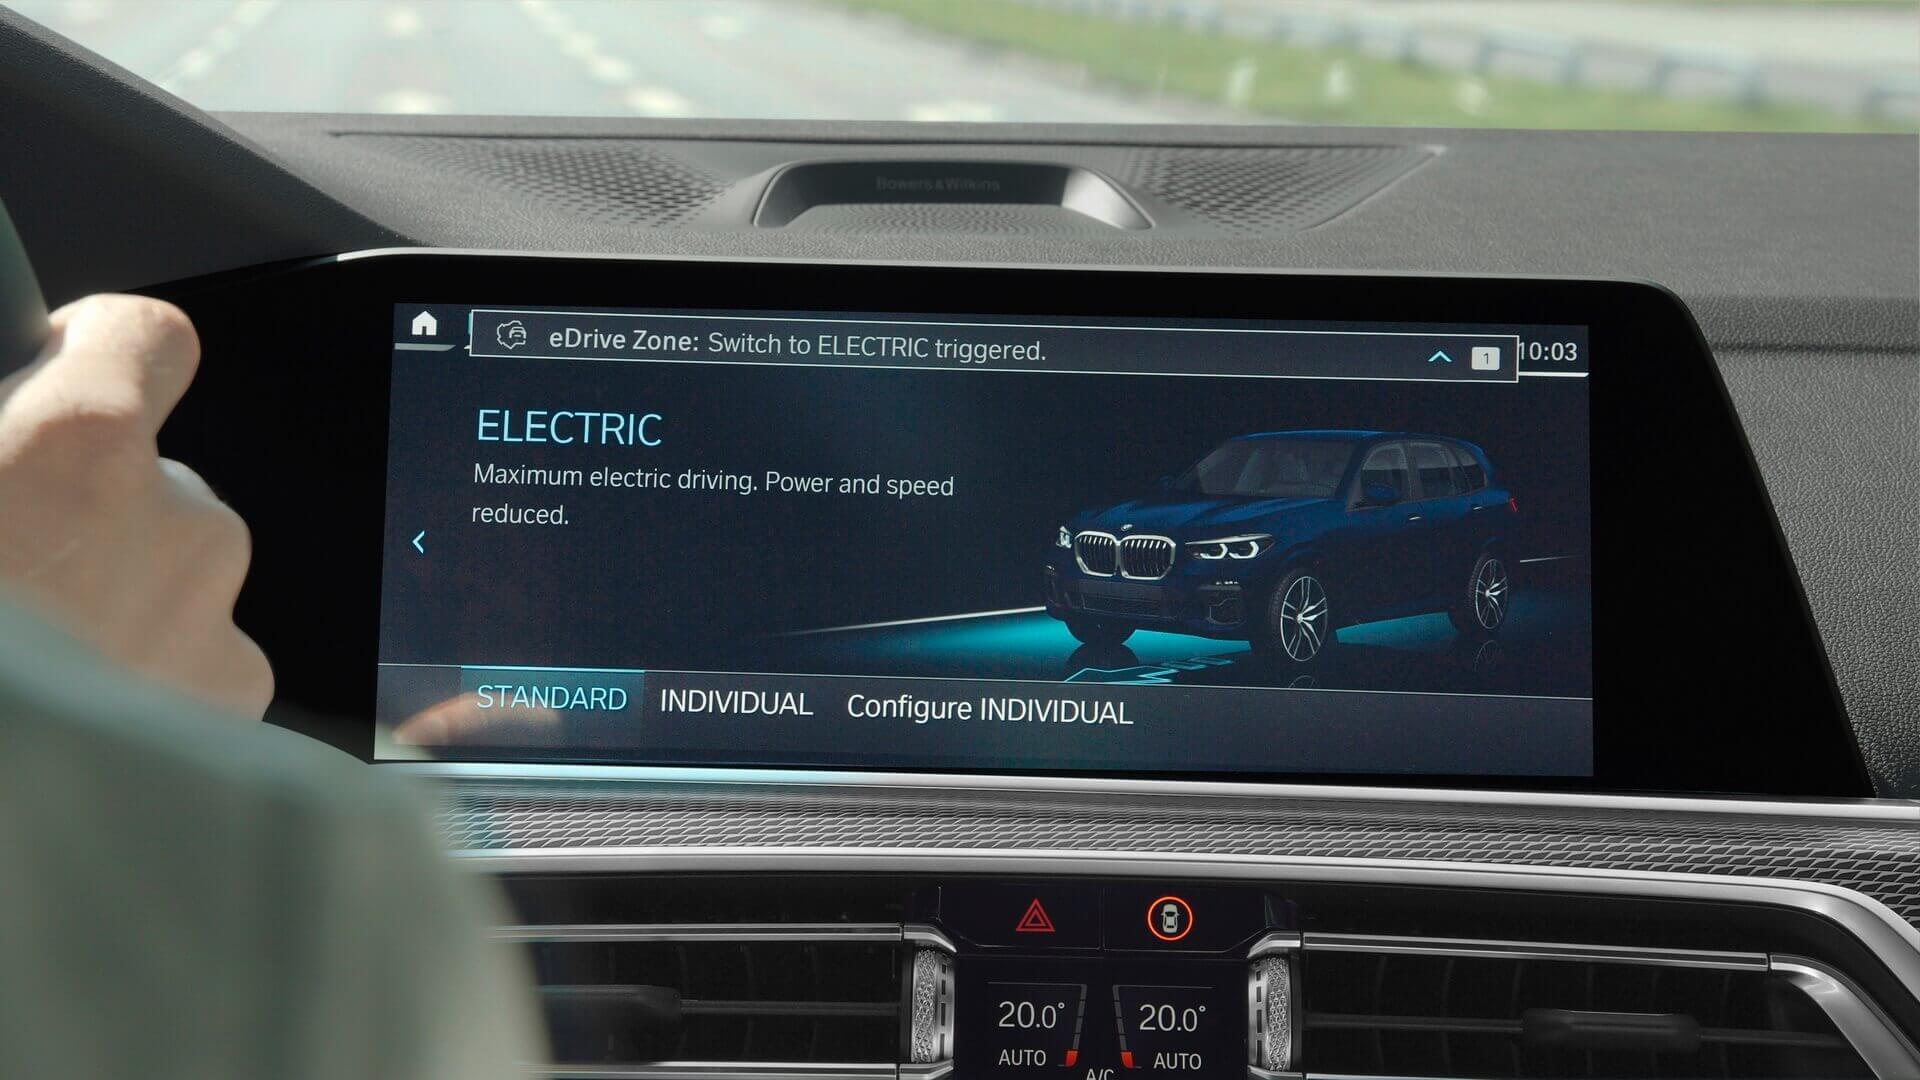 В eDrive Zones плагин-гибриды BMW автоматически переключаются на полностью электрическое вождение